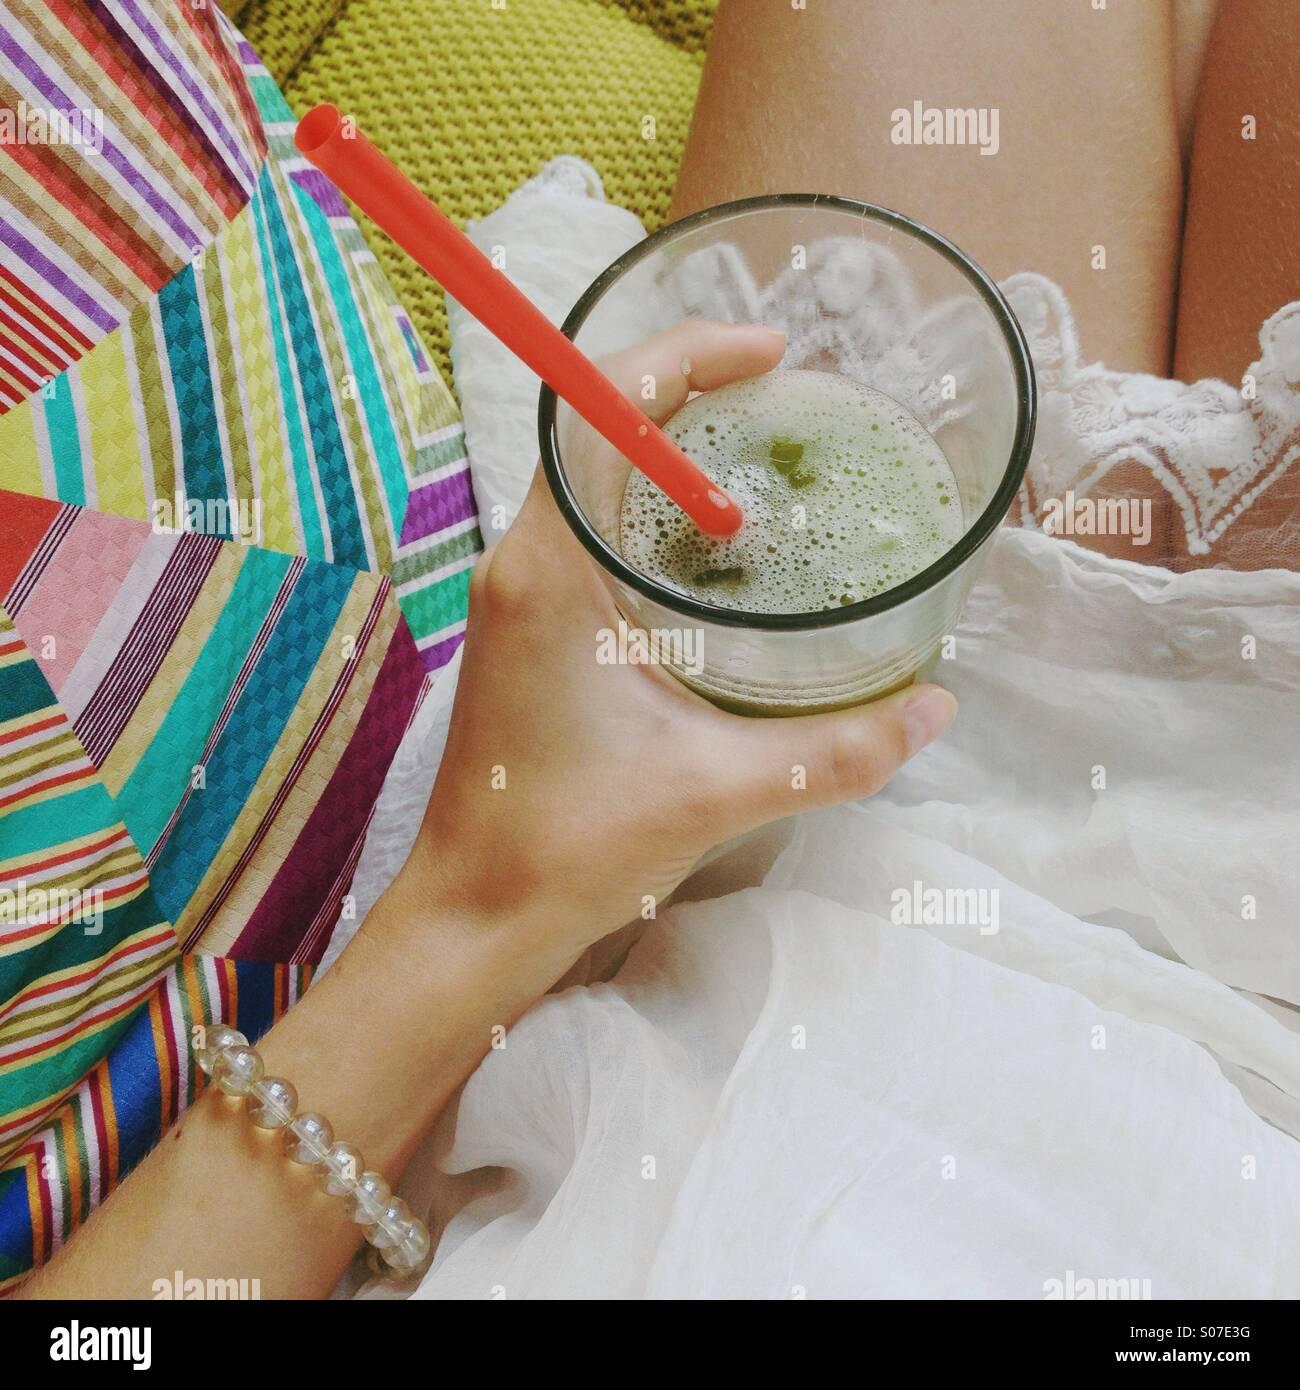 Mädchens Hand Holding Eistee Grüntee auf dem Schoß im weißen Kleid auf hell high-End-Sofa. Stockfoto